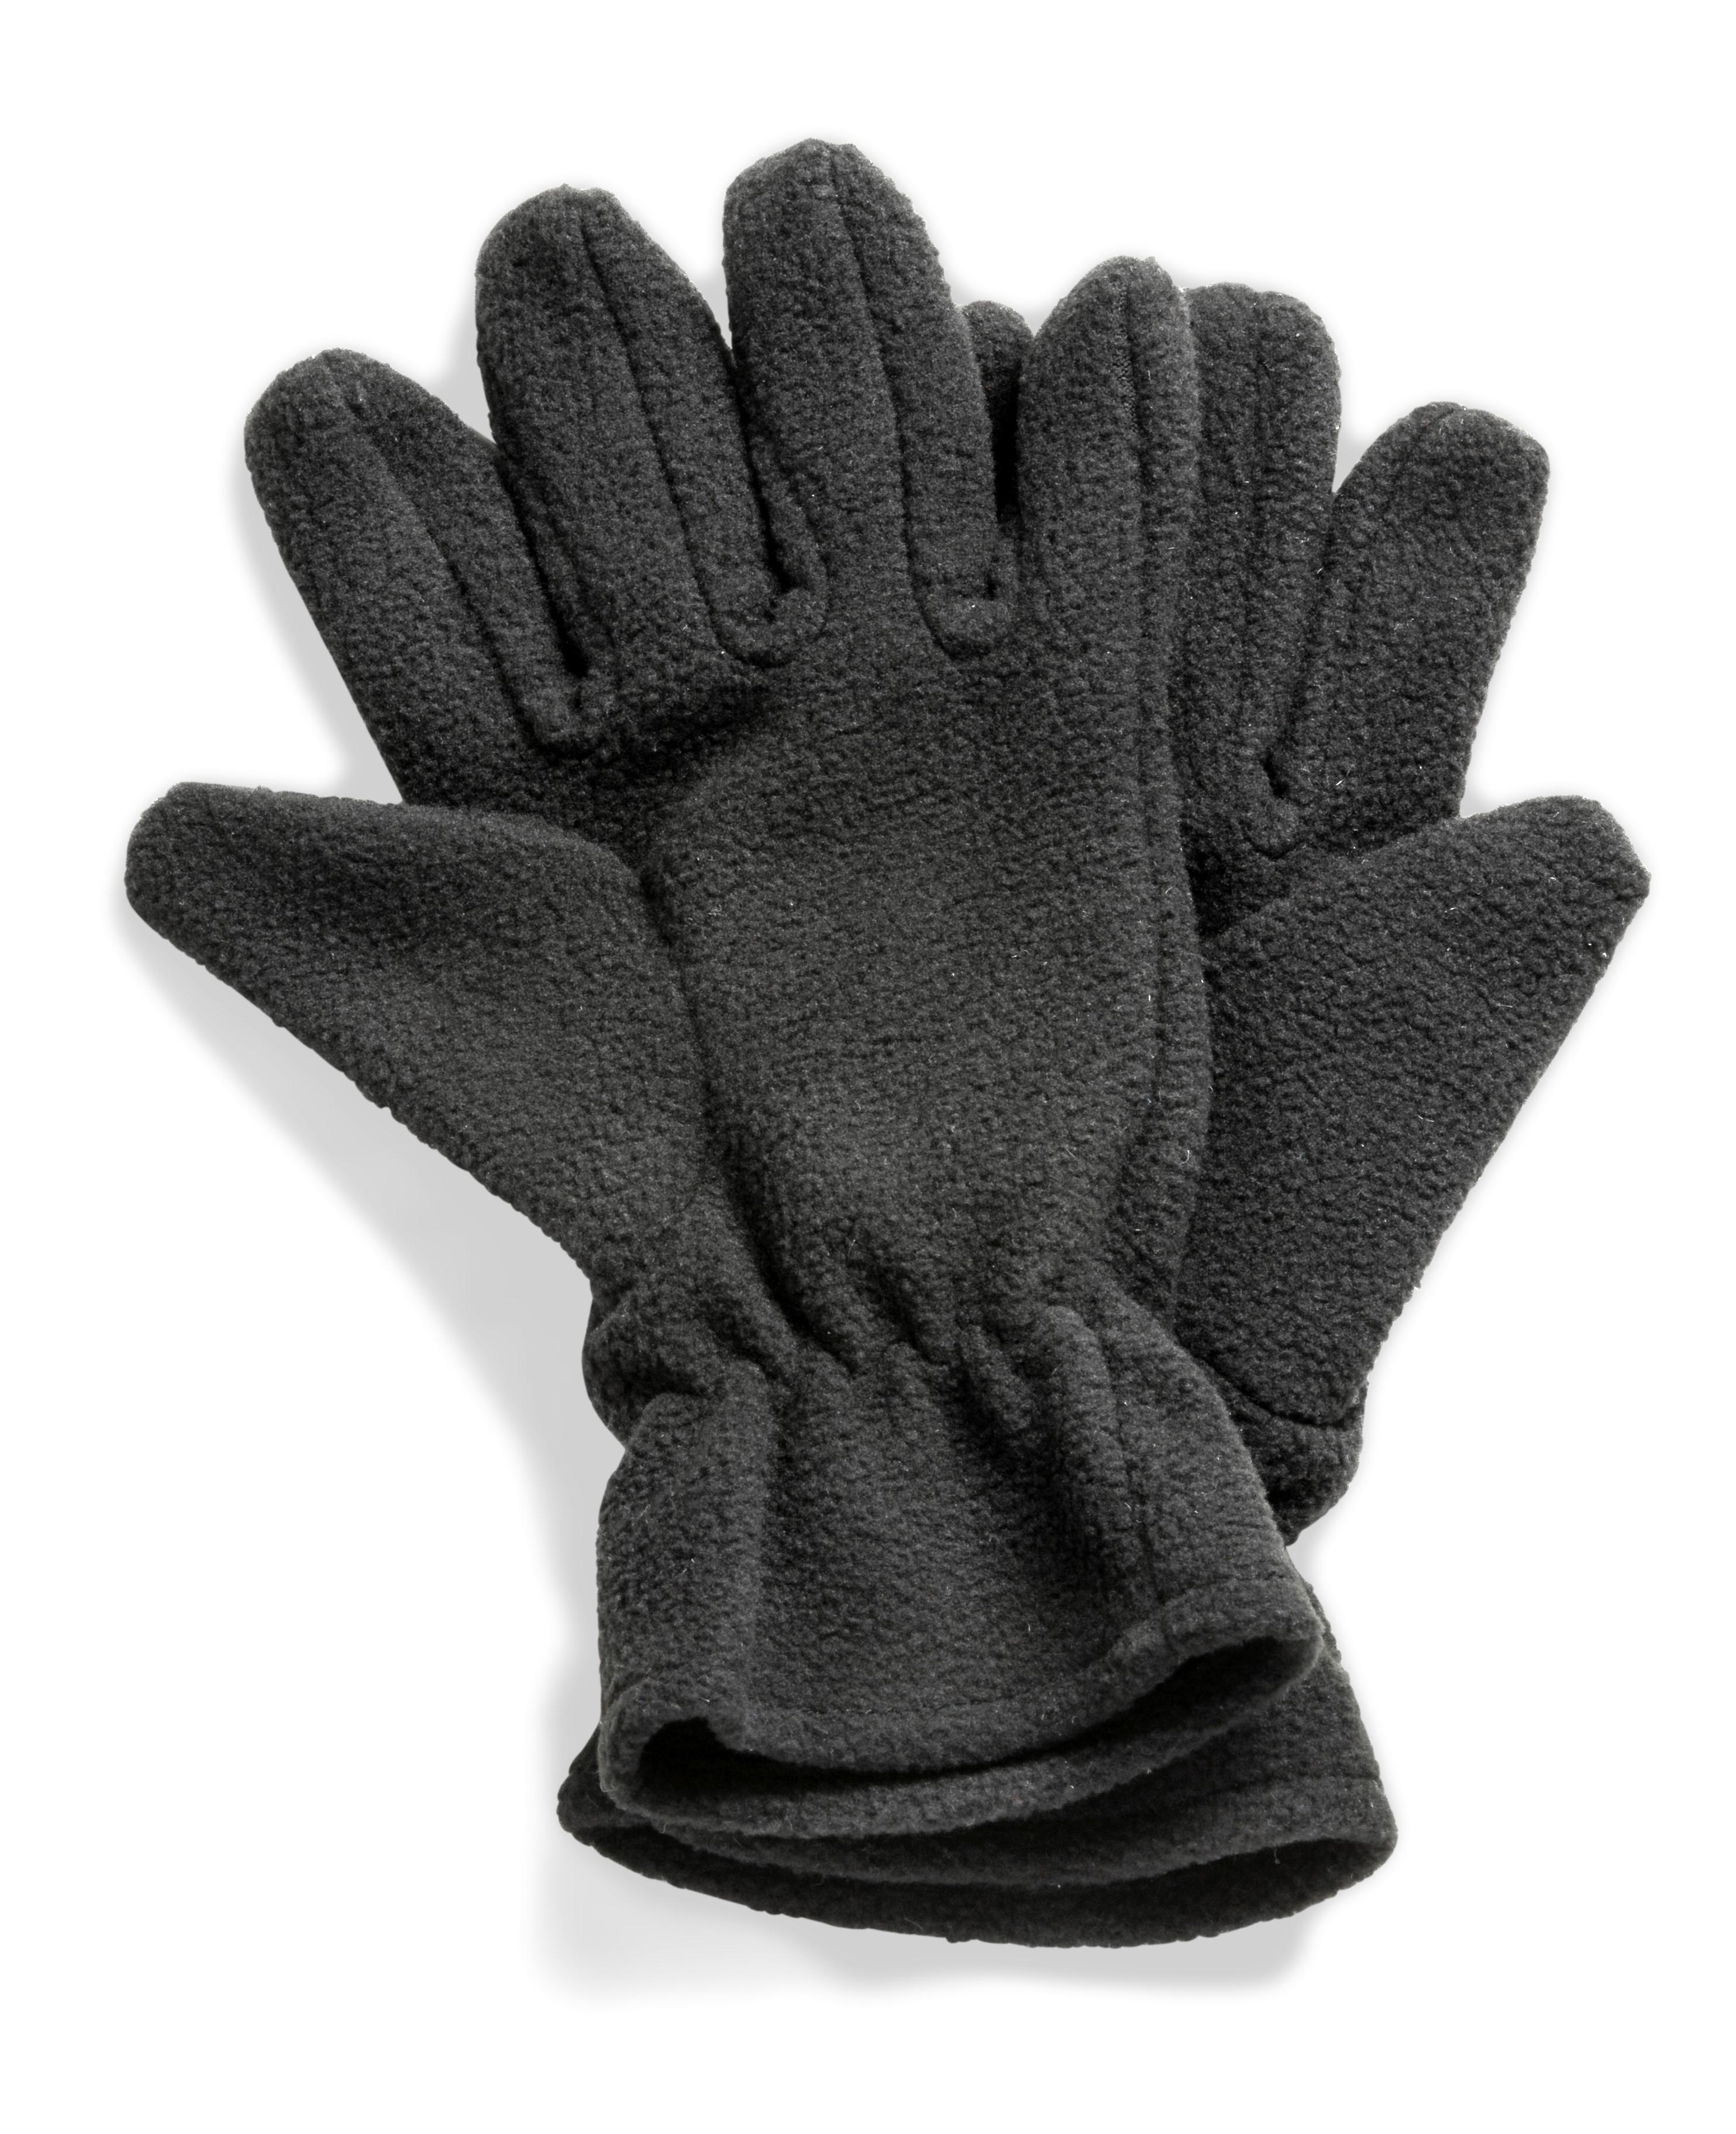 Alaska Fleece Gloves - Black Only